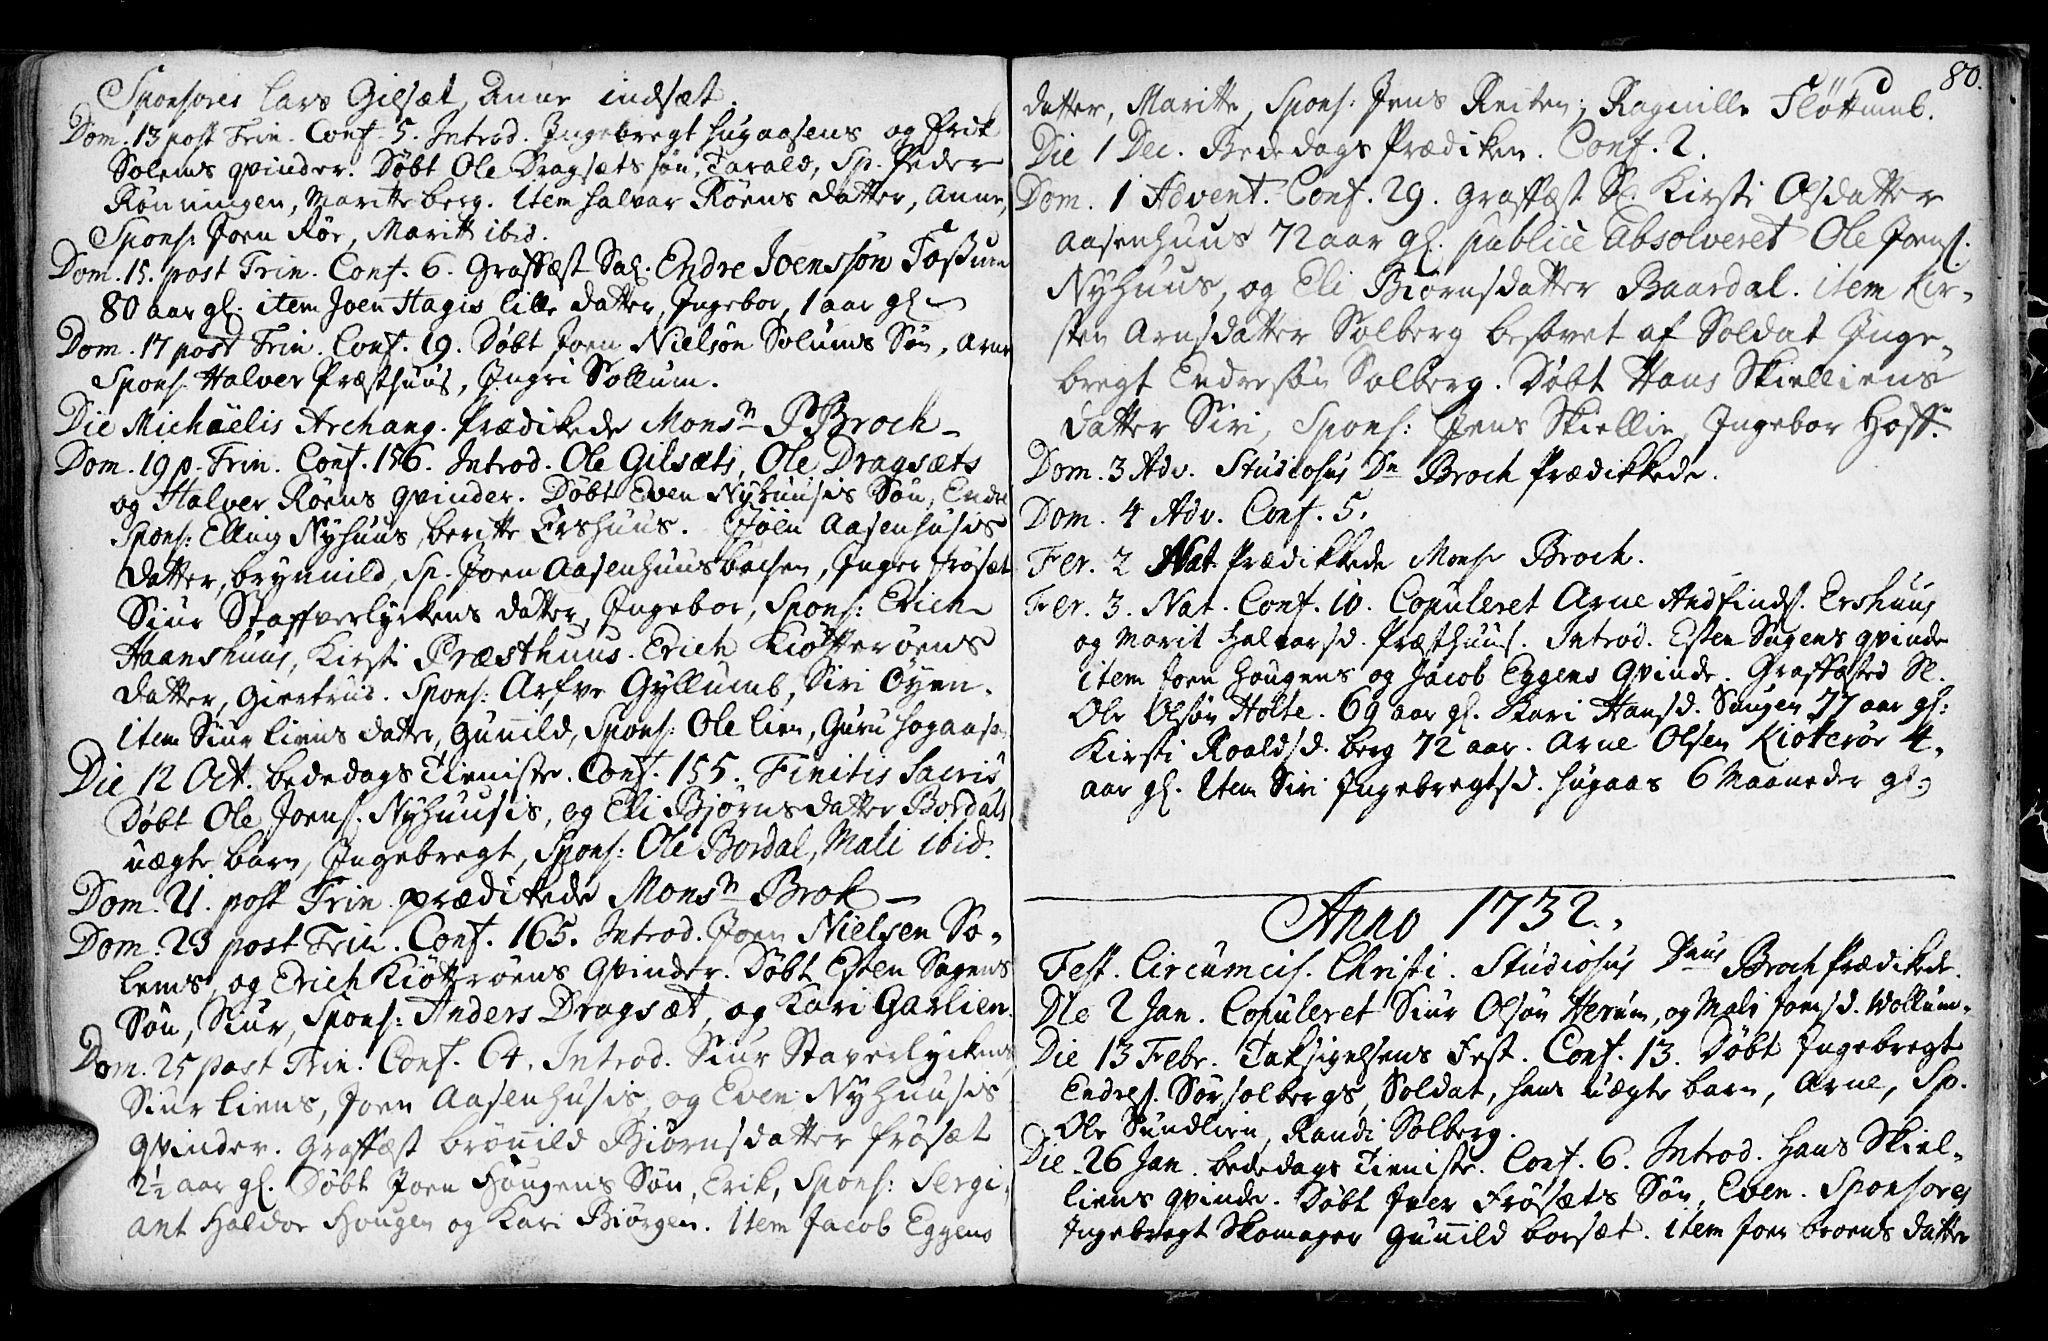 SAT, Ministerialprotokoller, klokkerbøker og fødselsregistre - Sør-Trøndelag, 689/L1036: Ministerialbok nr. 689A01, 1696-1746, s. 80